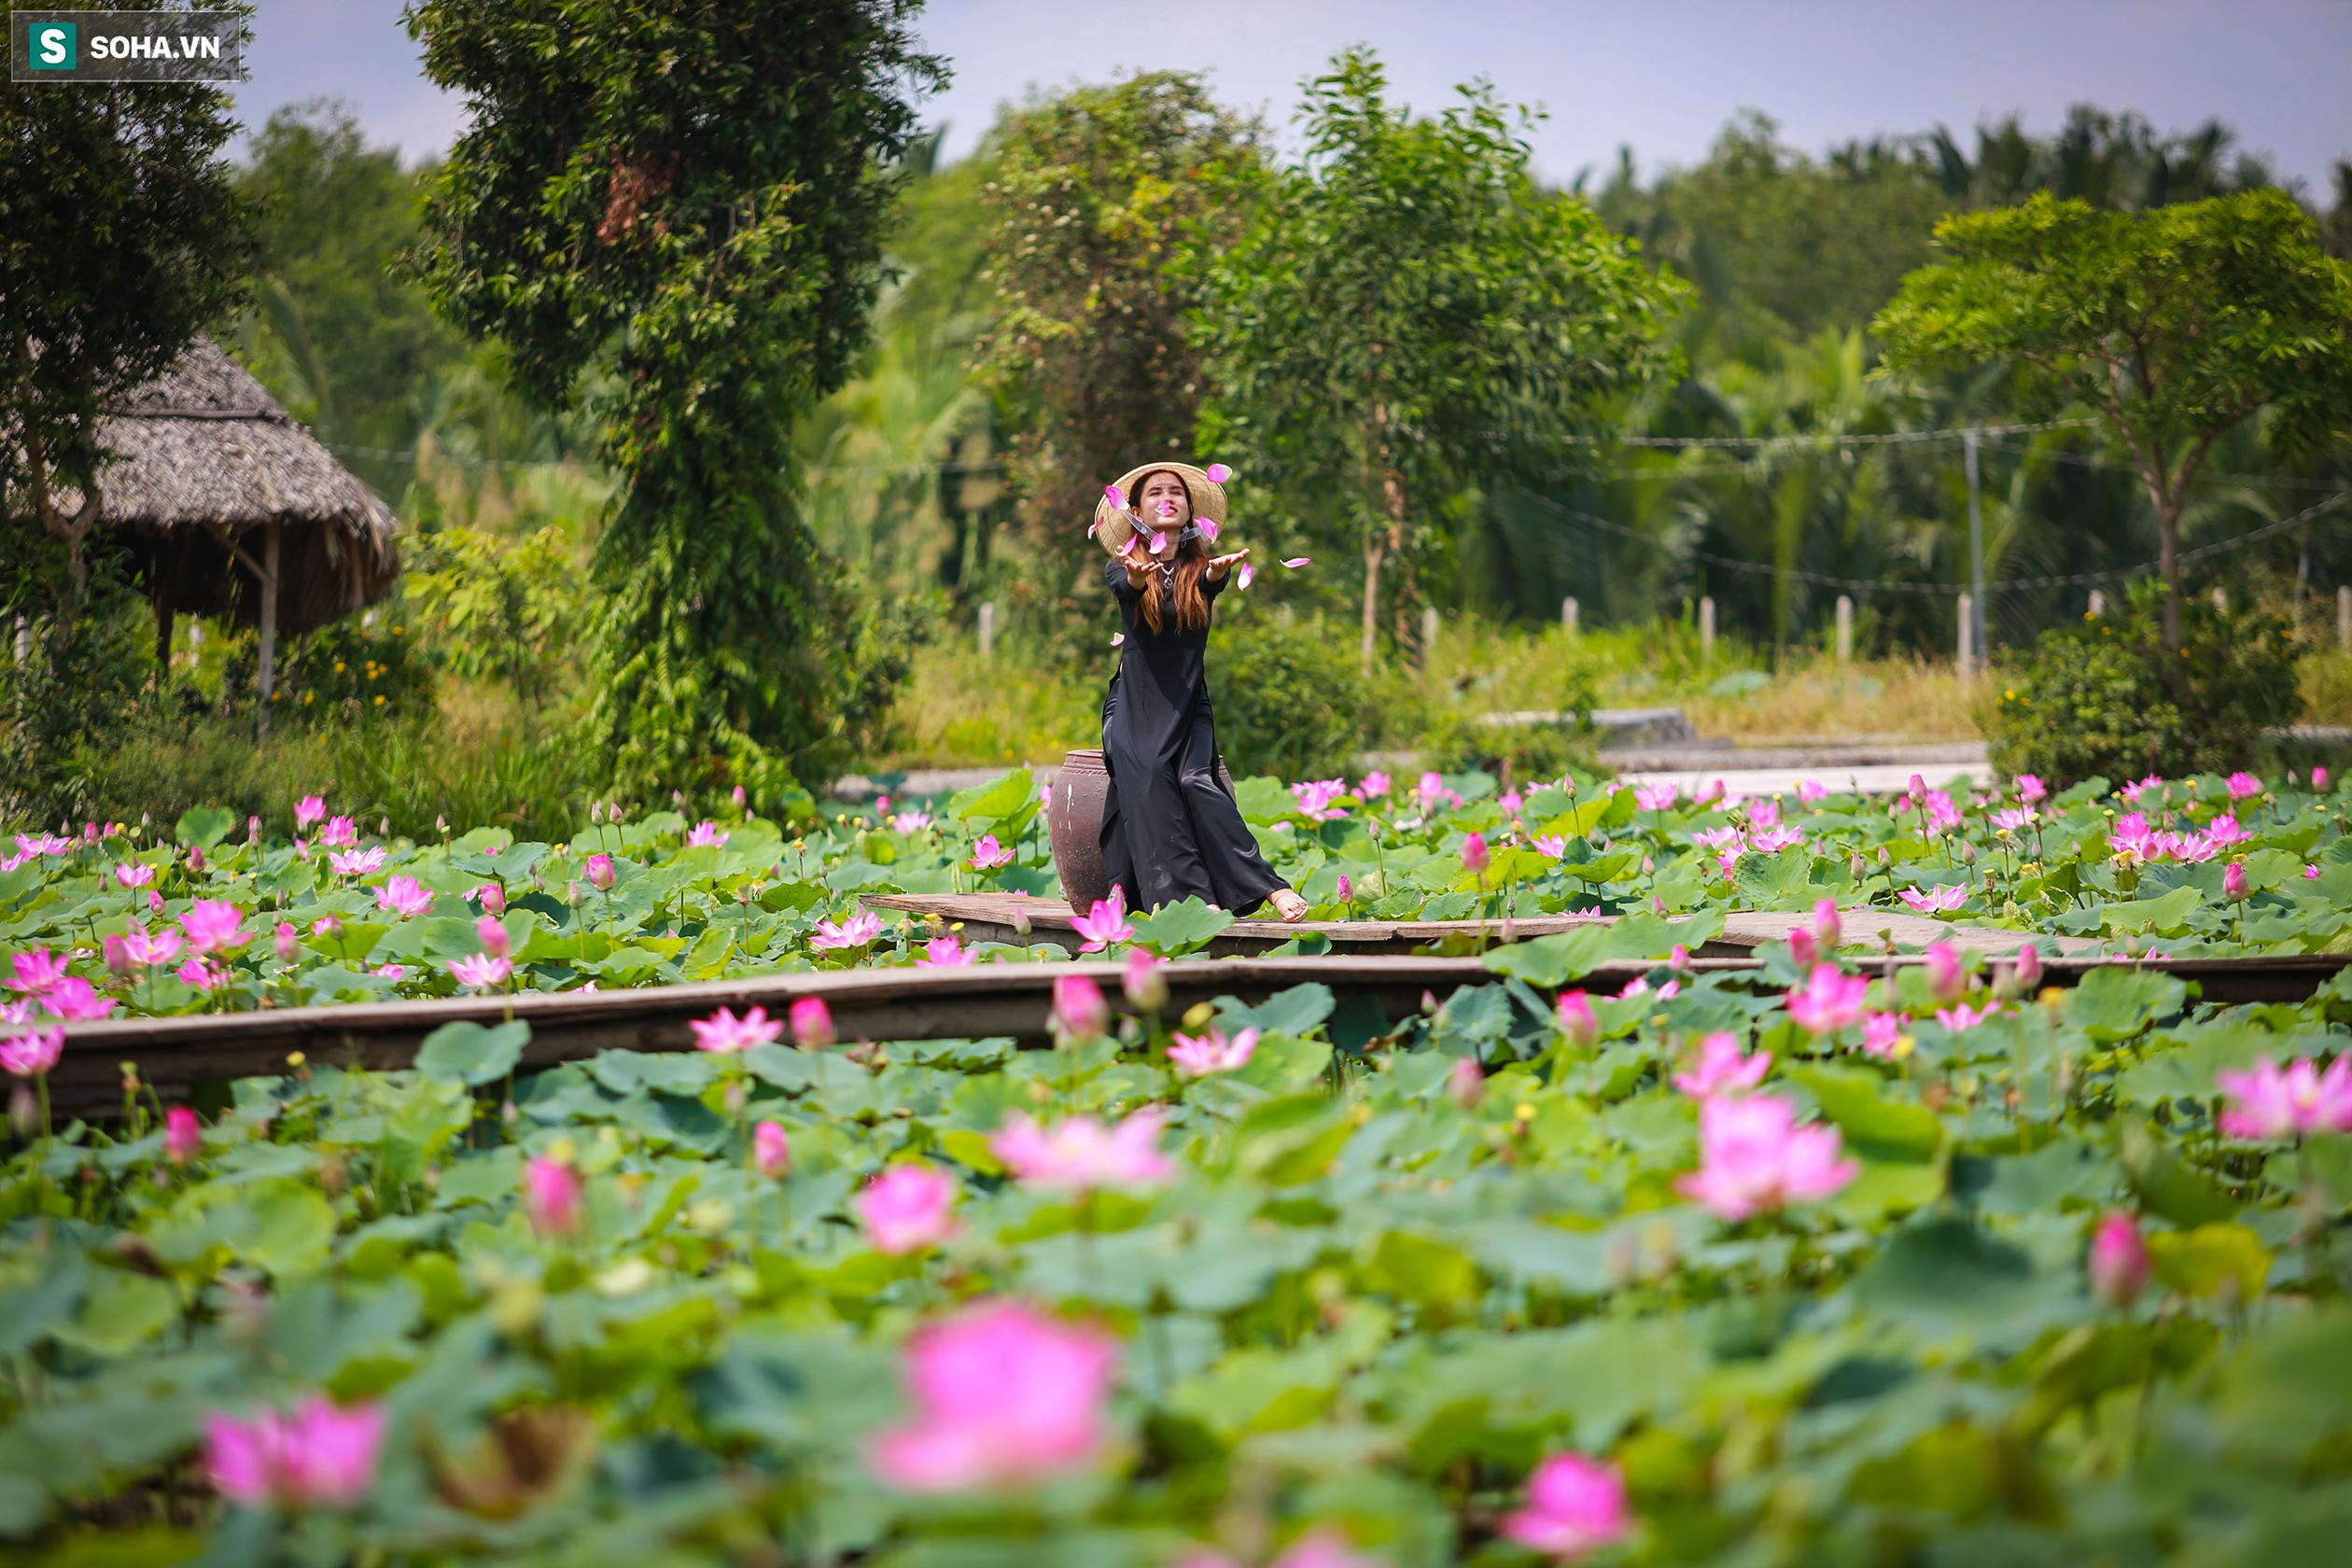 Nằm sát bên cánh đồng hoa hướng dương là một đầm sen khoảng 3.000m vuông được gia đình ông Sáng trồng từ nhiều năm nay, hiện cũng đang nở rộ, thu hút đông đảo khách tới chụp ảnh.